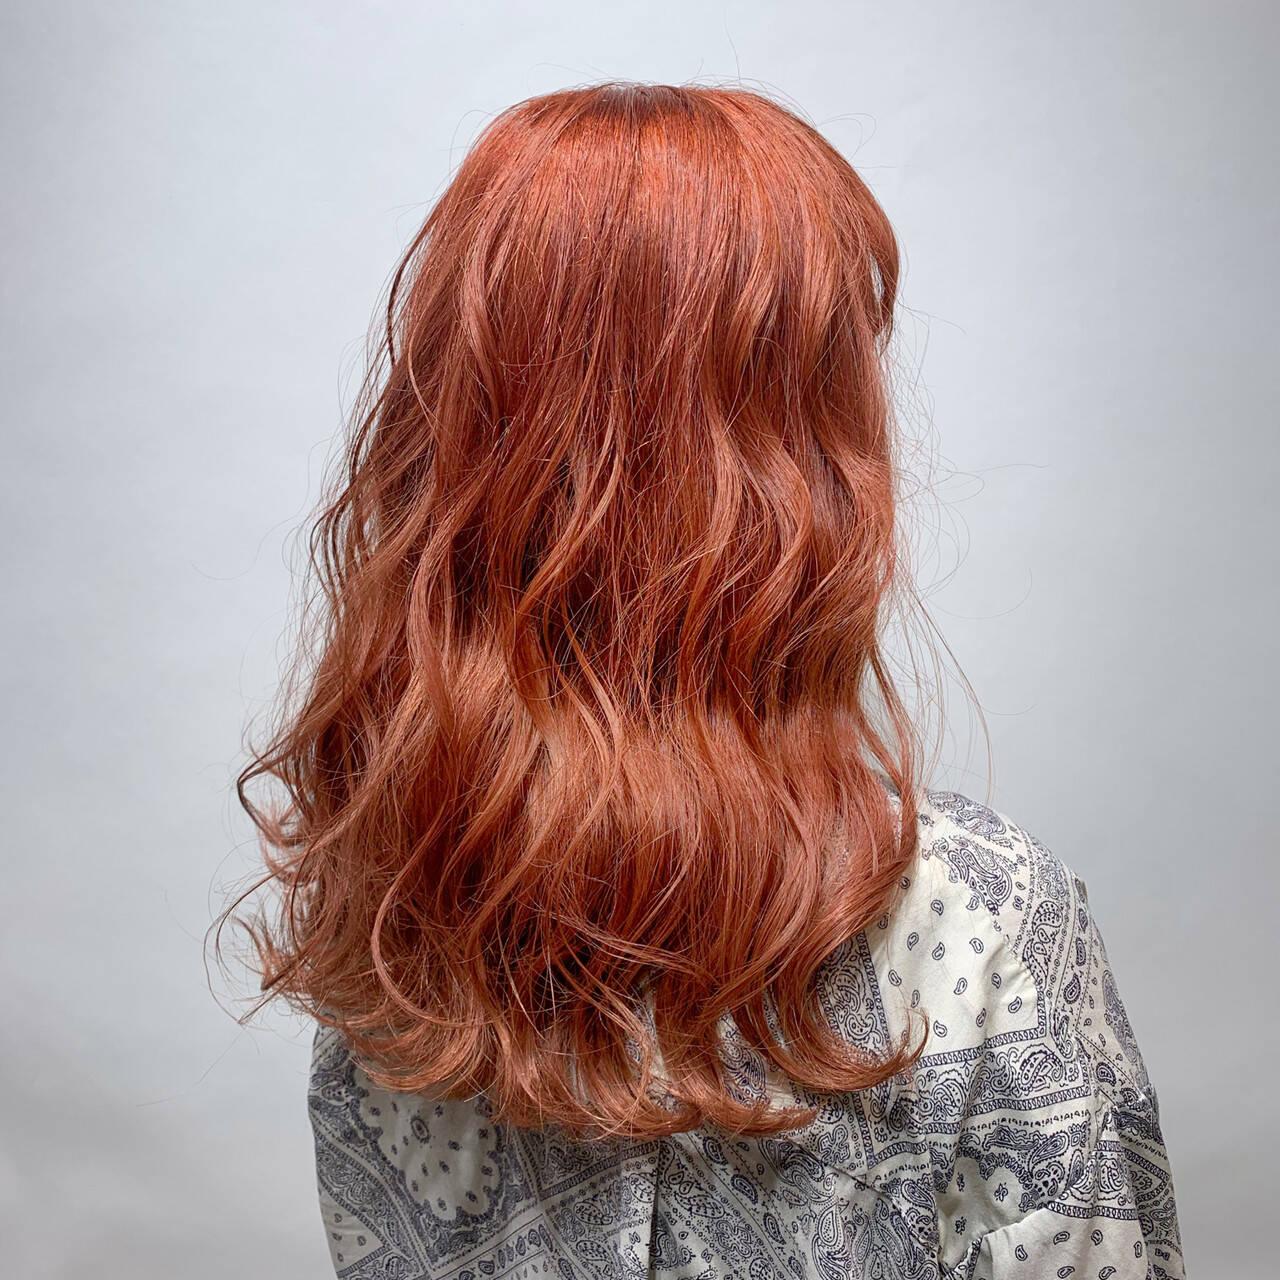 オレンジカラー ガーリー アプリコットオレンジ ハイトーンヘアスタイルや髪型の写真・画像